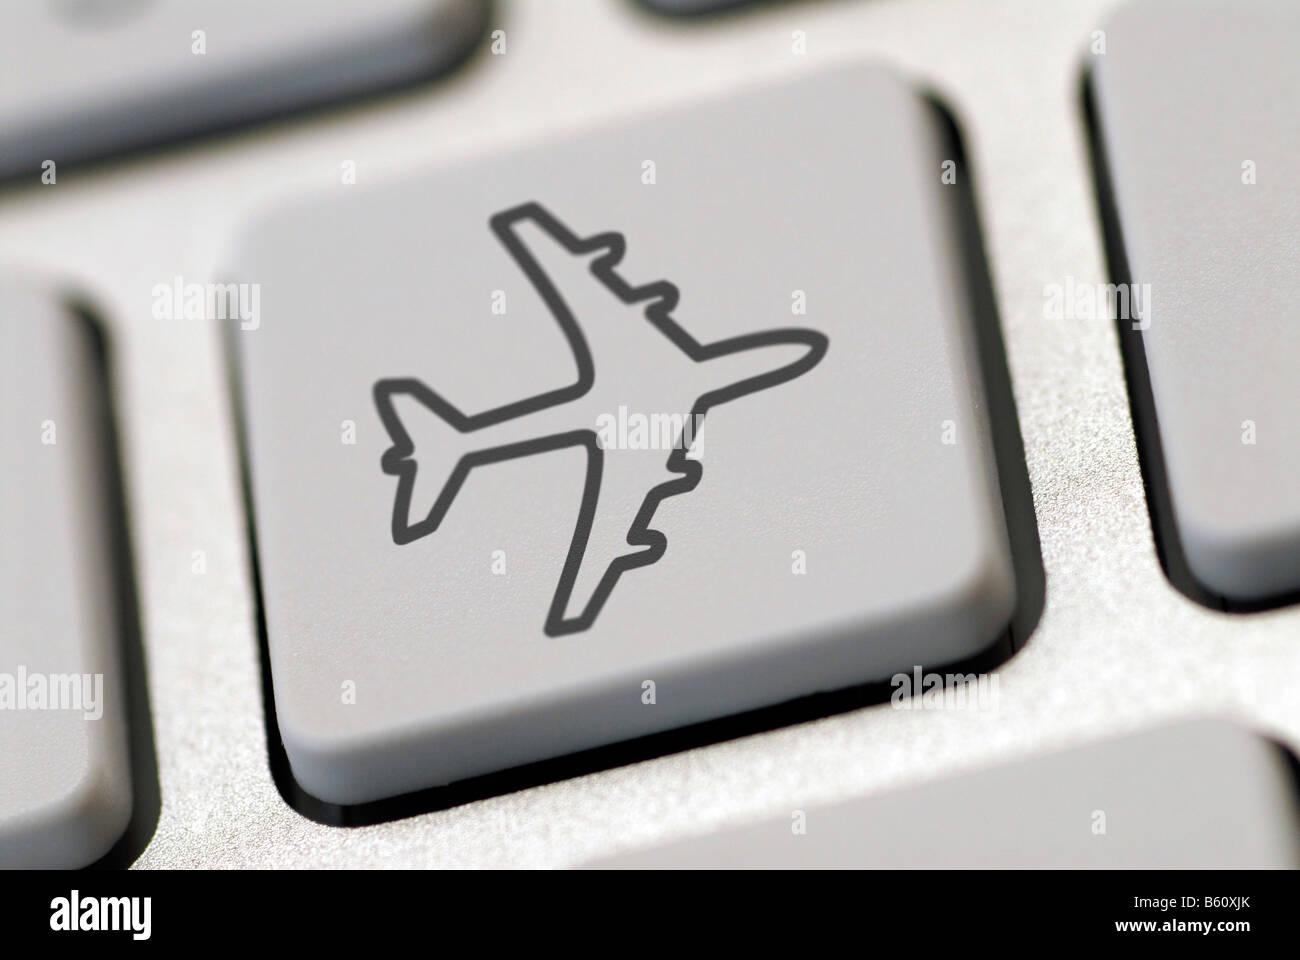 Teclado de ordenador con un avión símbolo, imagen simbólica para internet reservas de viajes Foto de stock